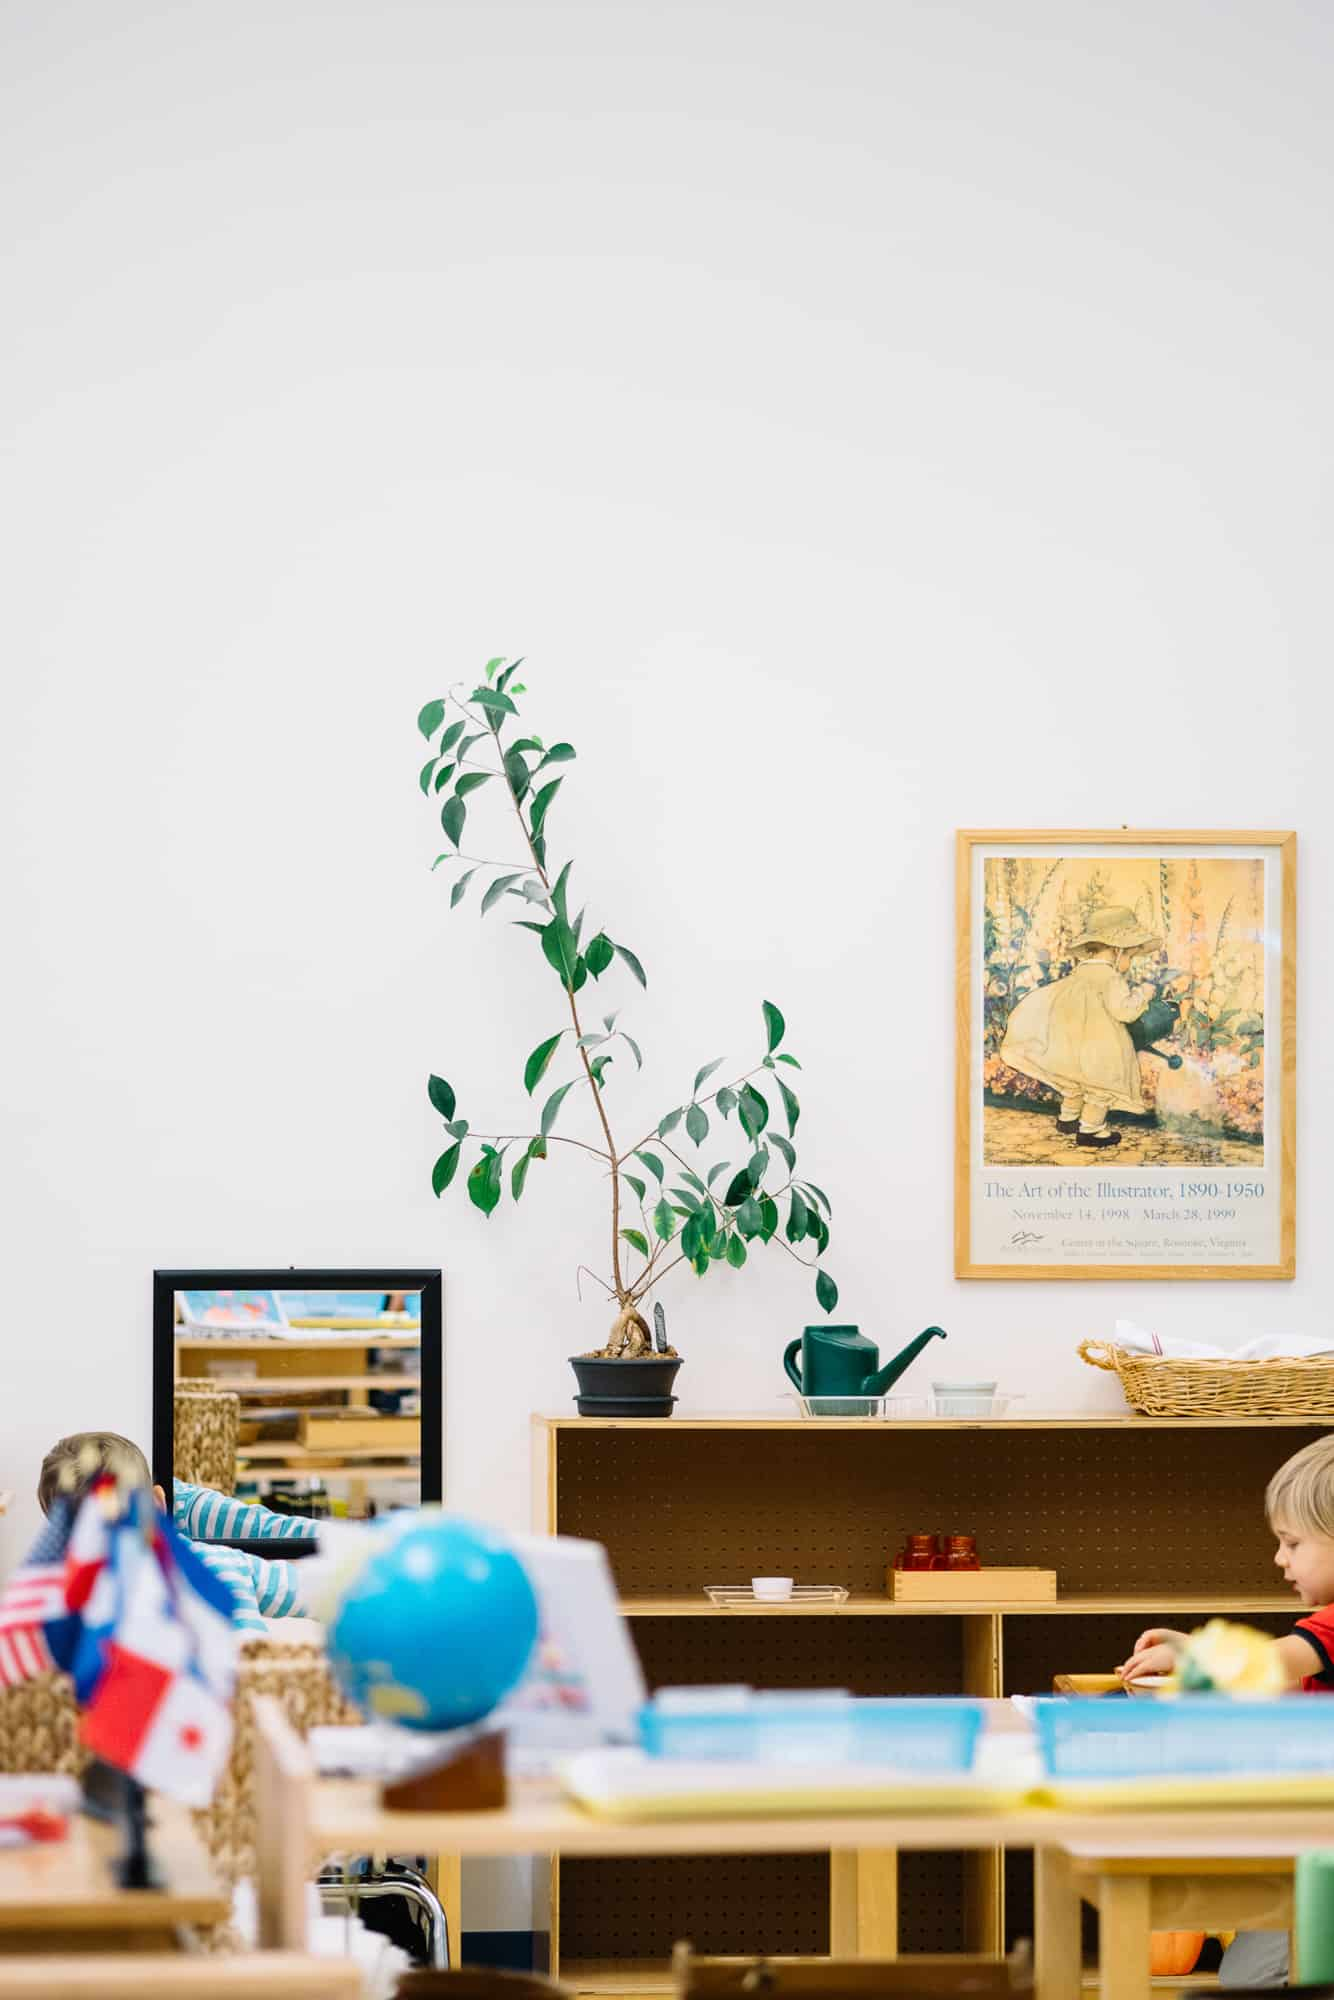 Montessori classroom shelves